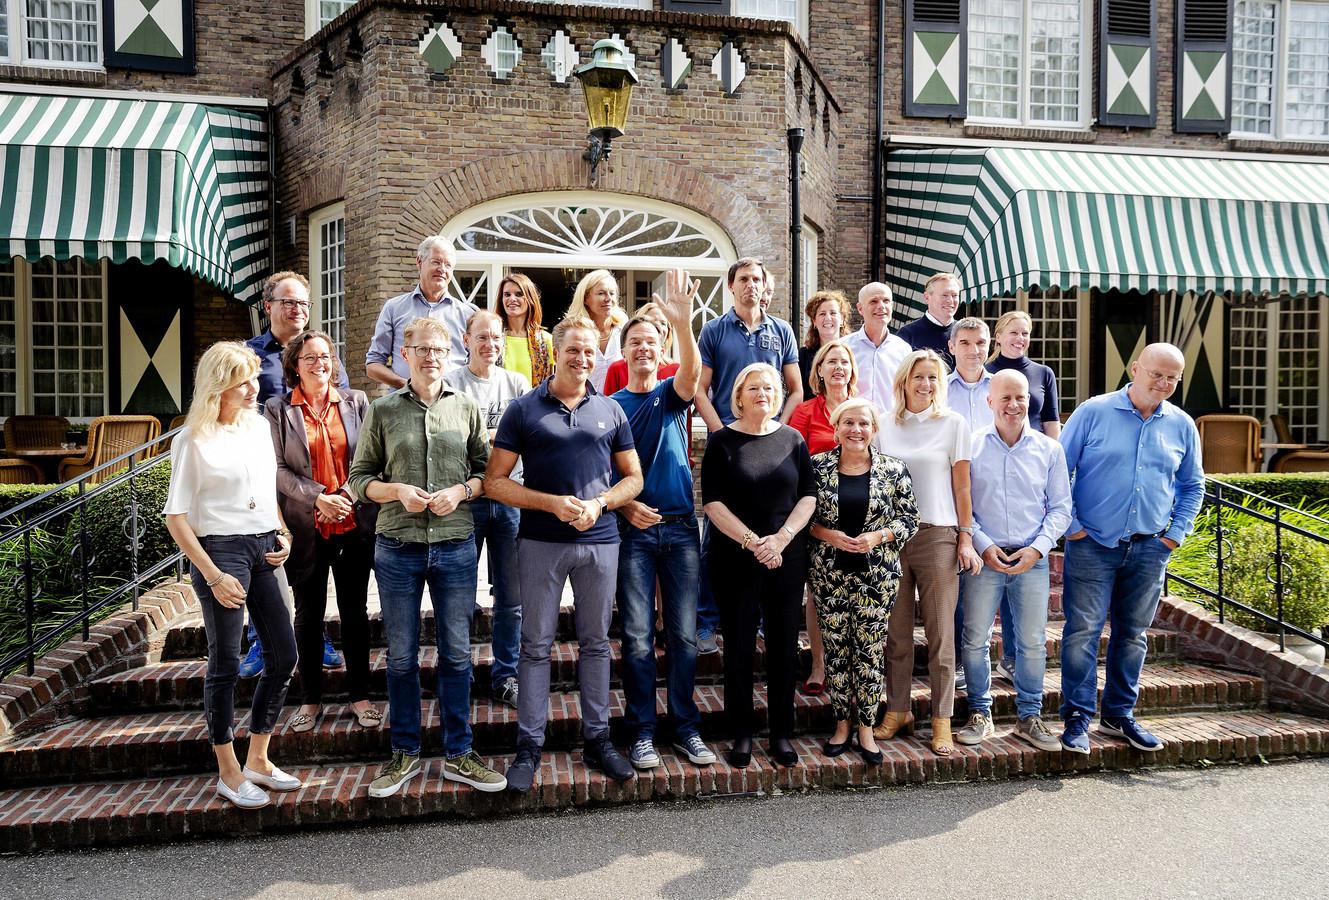 Ministers en staatssecretarissen in Hotel Bos en Ven tijdens de traditionele heidag van het kabinet. Het Brabantse hotel deed in het laatste jaar van de Tweede Wereldoorlog dienst als zenuwcentrum voor het toenmalige kabinet.